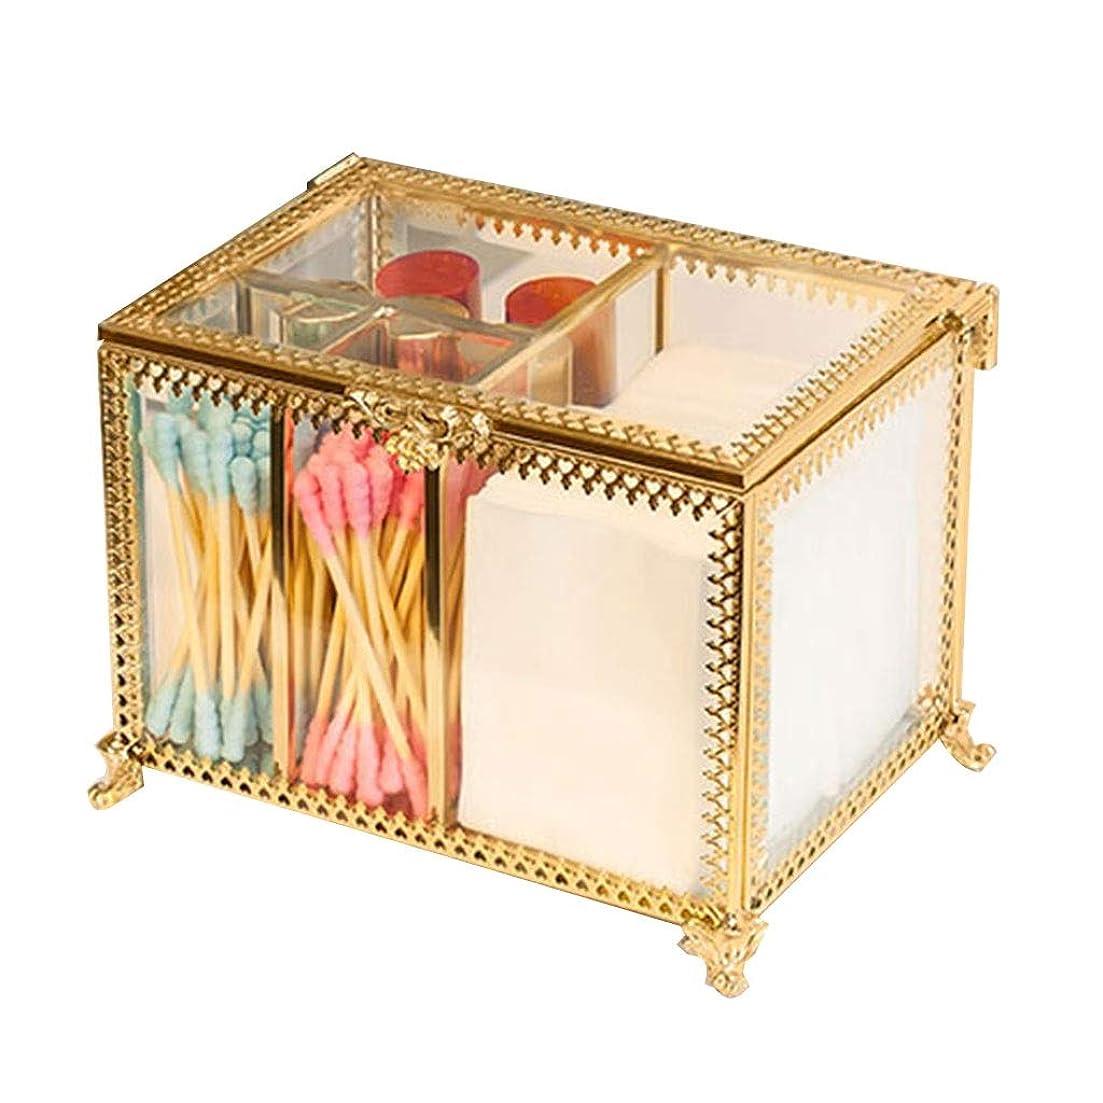 巨大レイプロポーショナル化粧品収納ボックスヨーロッパスタイル防塵綿棒ボックス透明ガラス化粧品収納ボックス最高の贈り物用カバー付き (Color : GOLD, Size : 14*10*9.5CM)